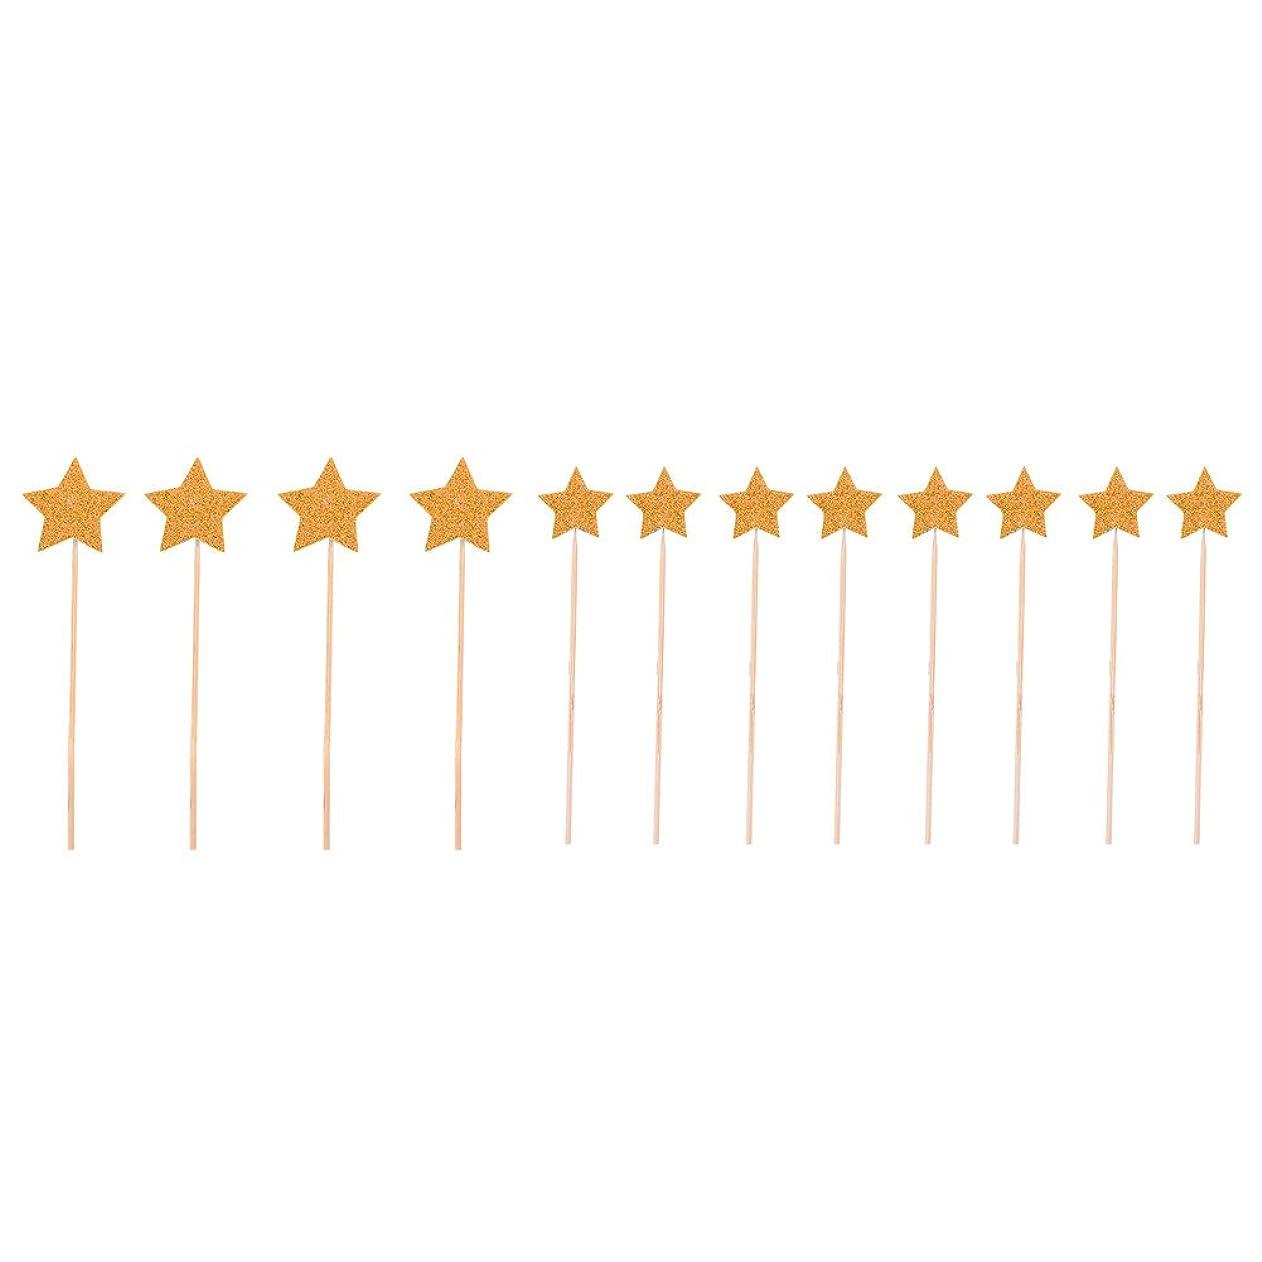 クロス女の子良心的SUND ケーキトッパー キラキラ 星型 12本セット EVA製品 ケーキ用飾り プレ花嫁 席札 結婚式 誕生日 選べる4色 ゴールド